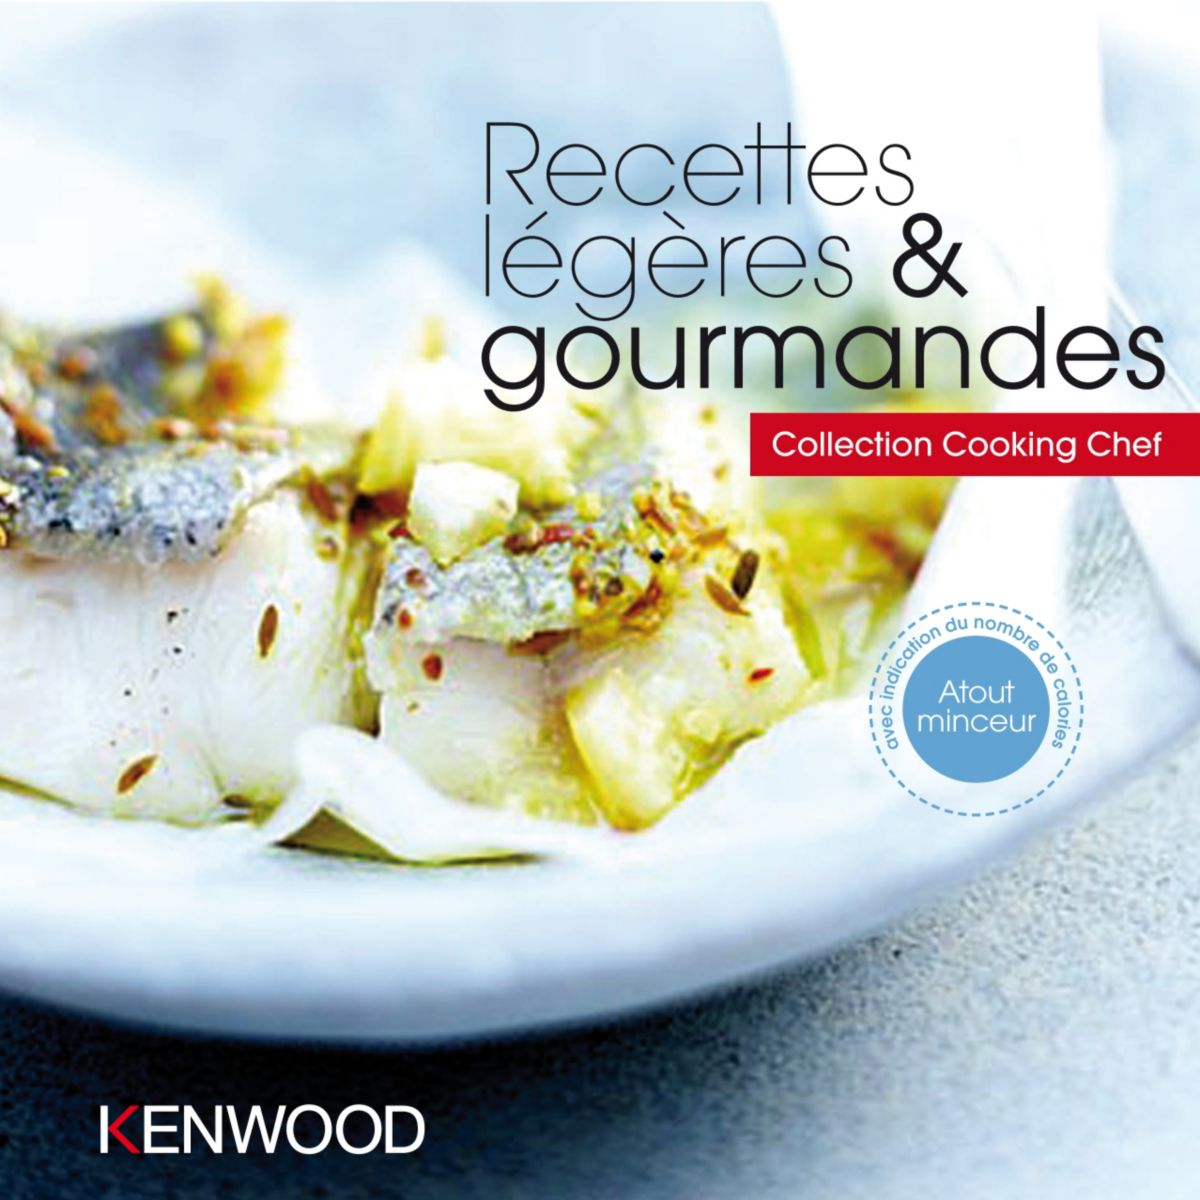 Livre de cuisine KENWOOD Recettes légères et gourmandes